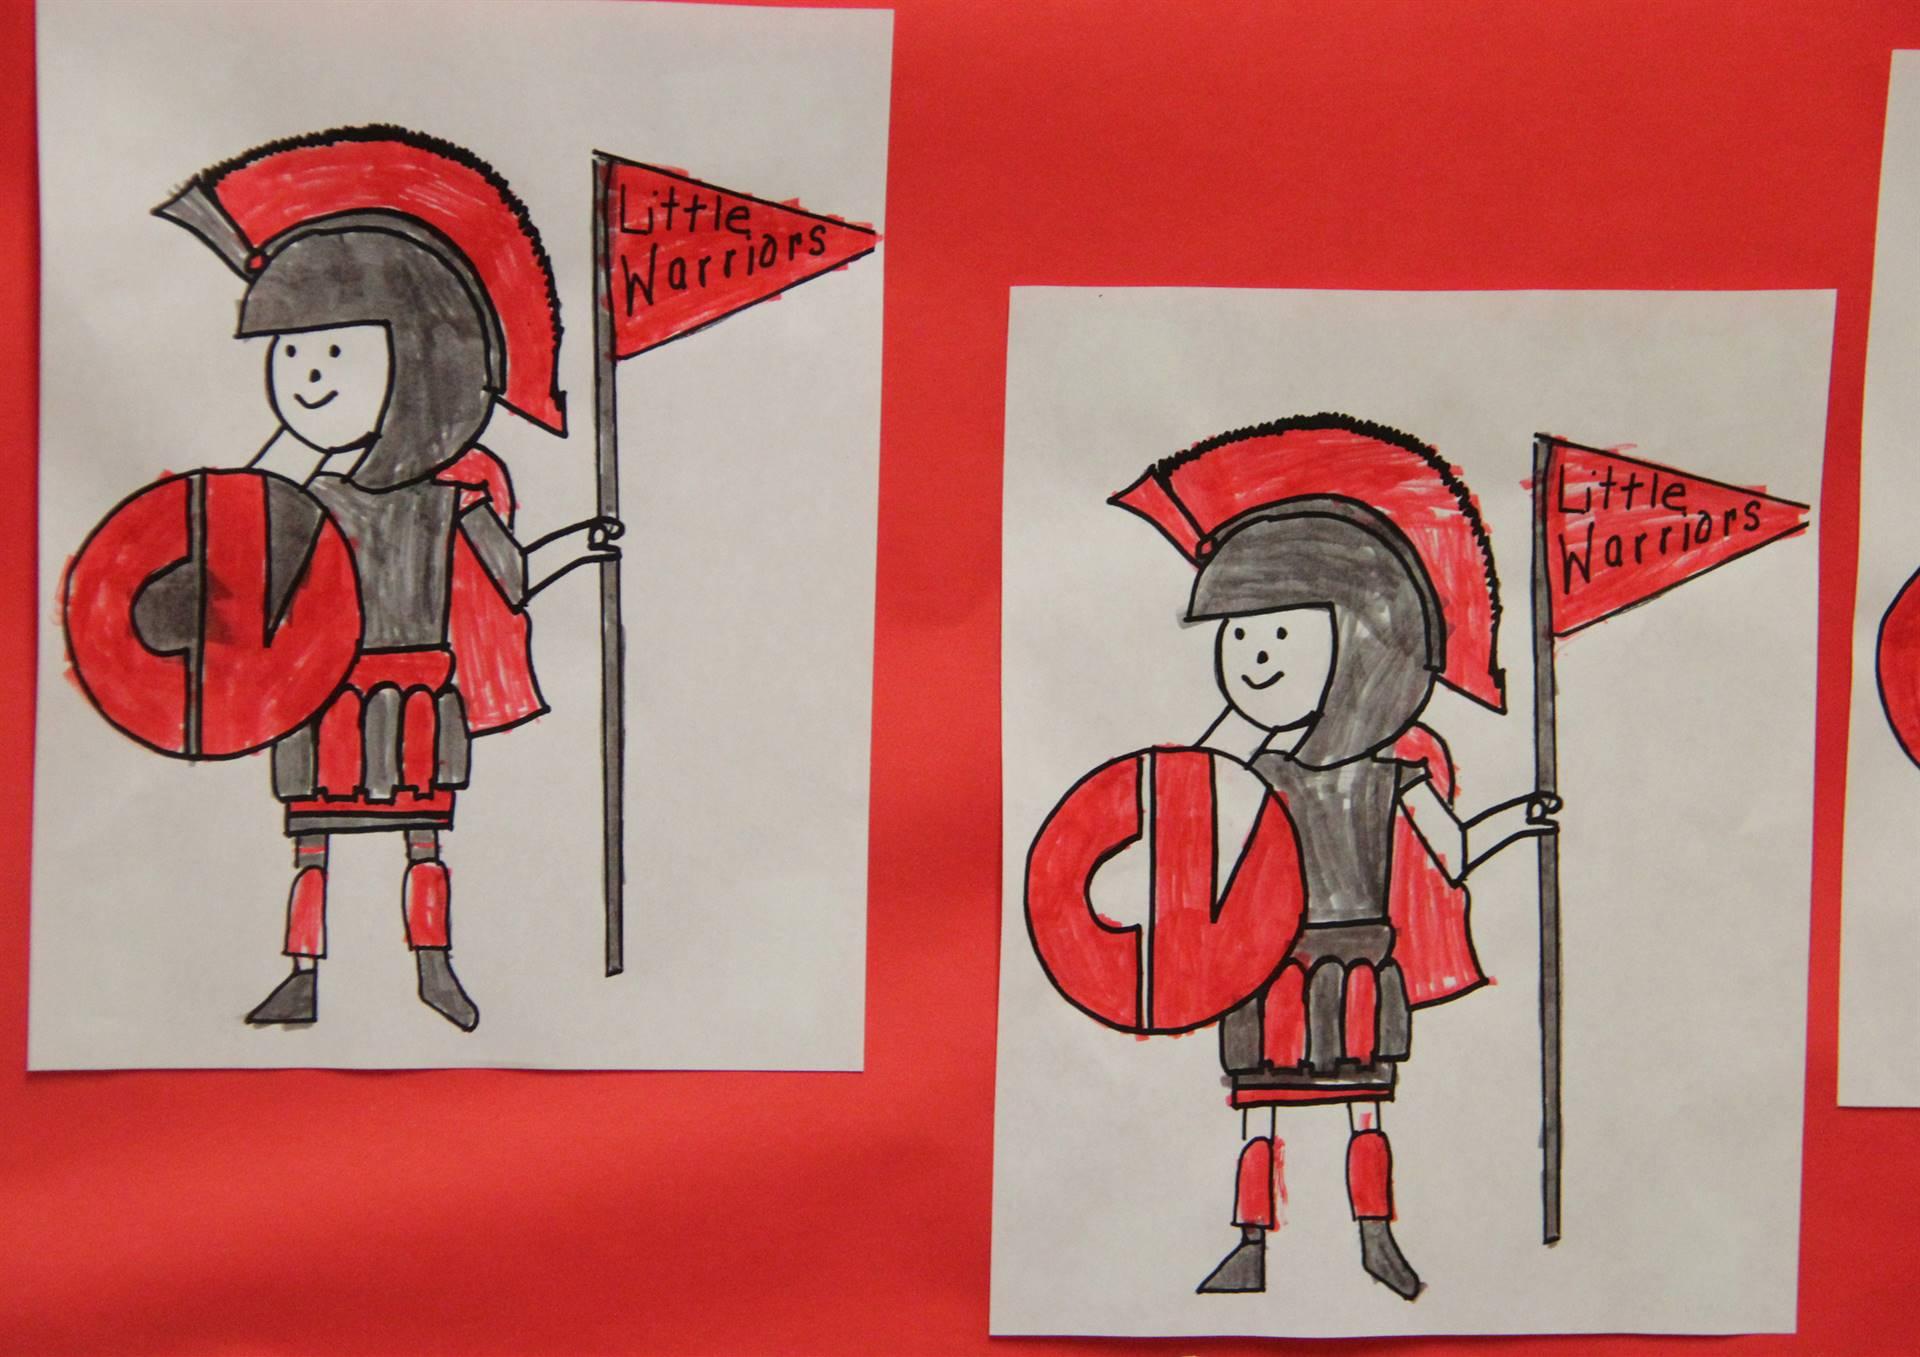 little warrior drawings